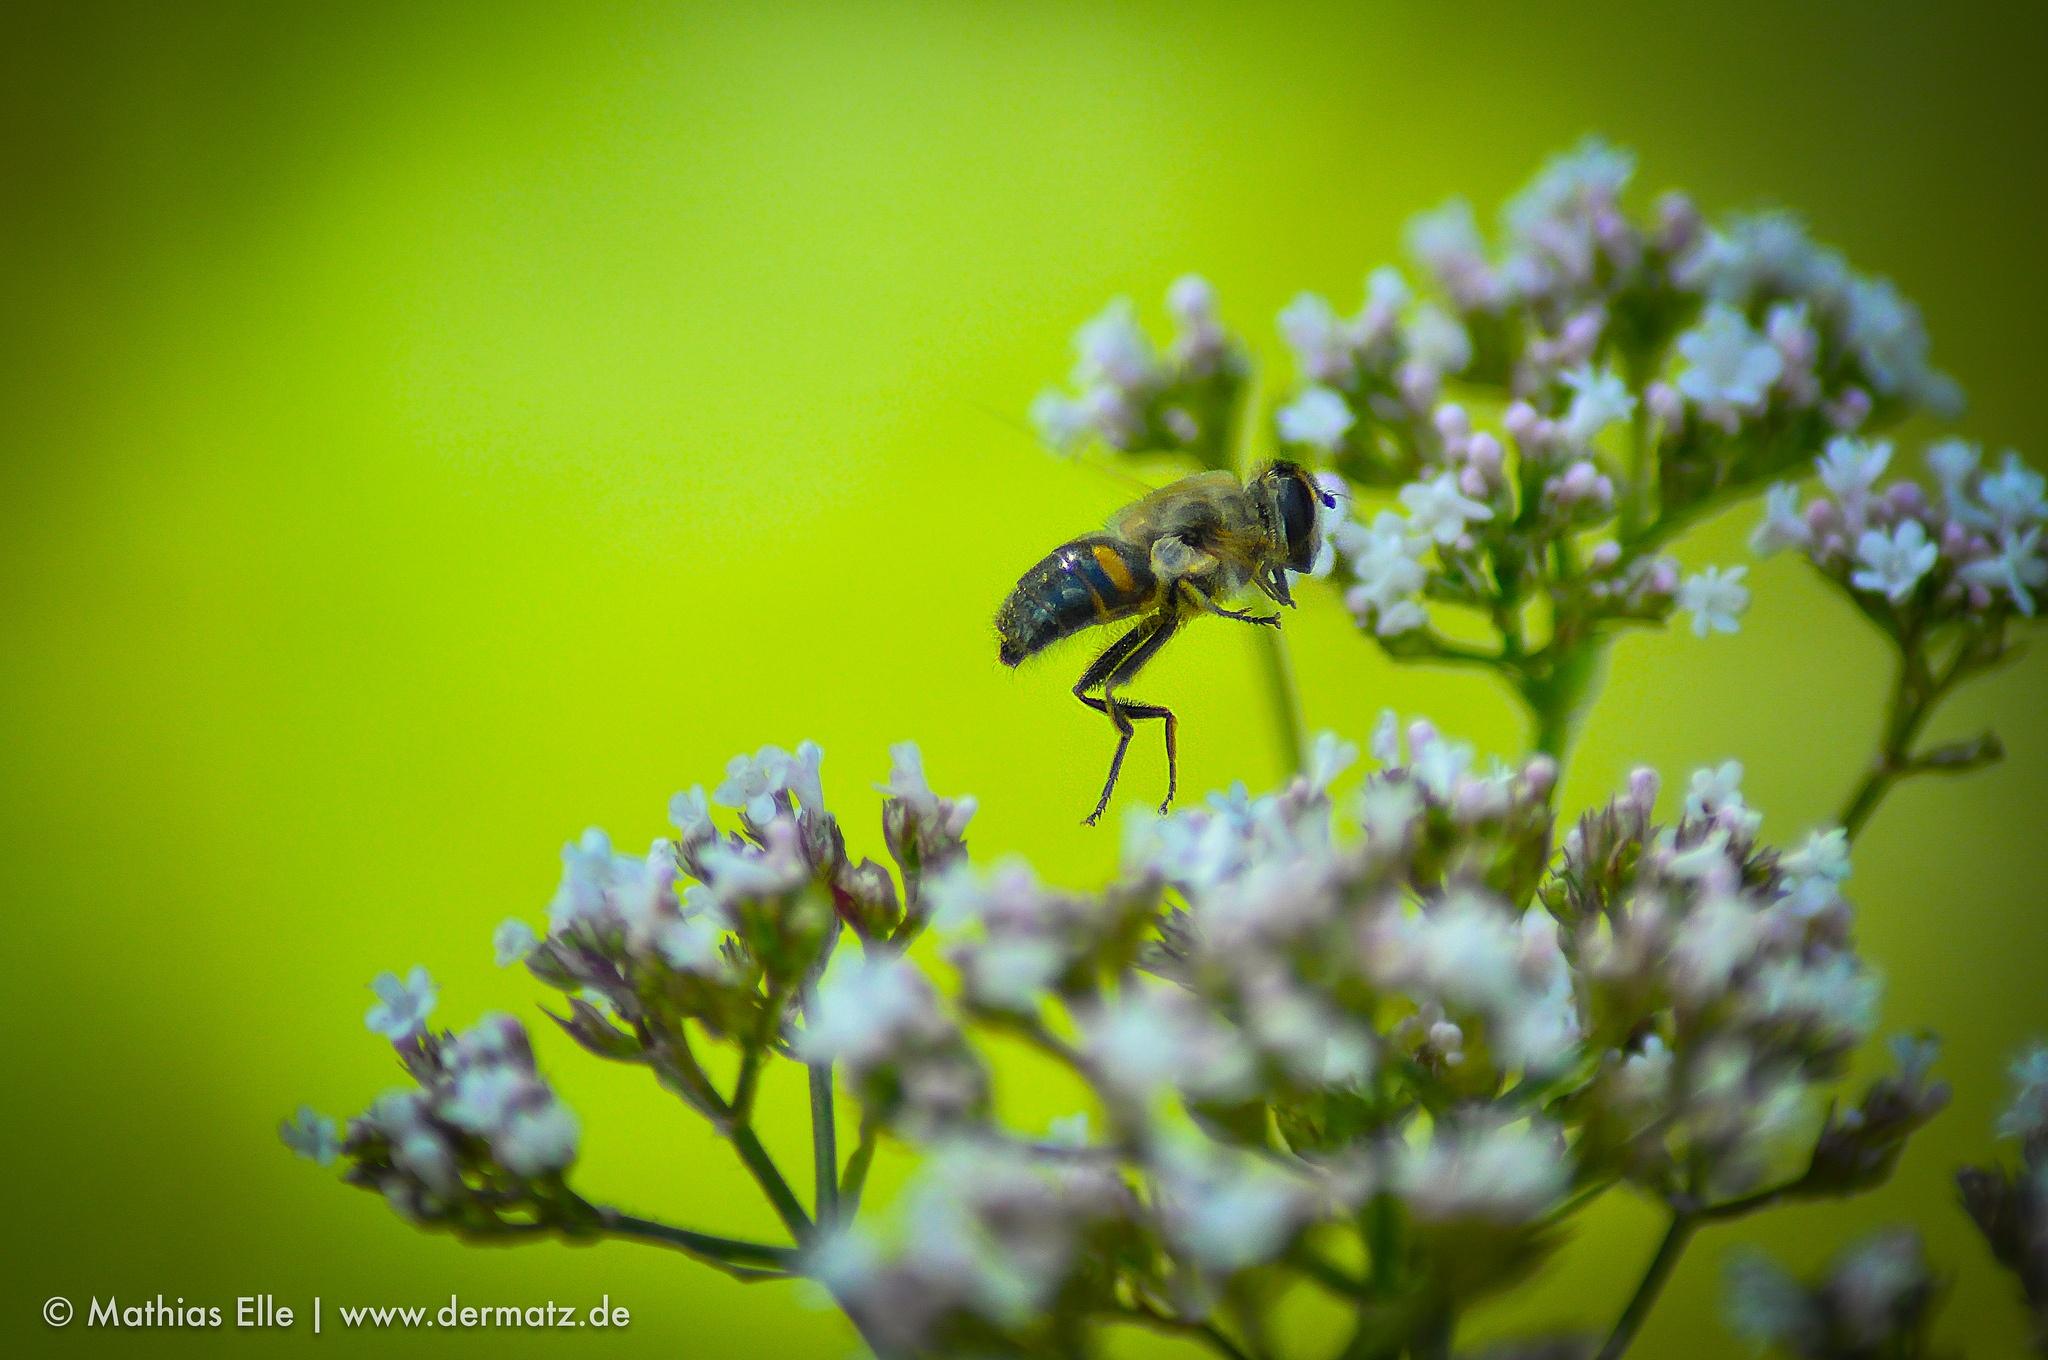 Biene fliegt über Blüten